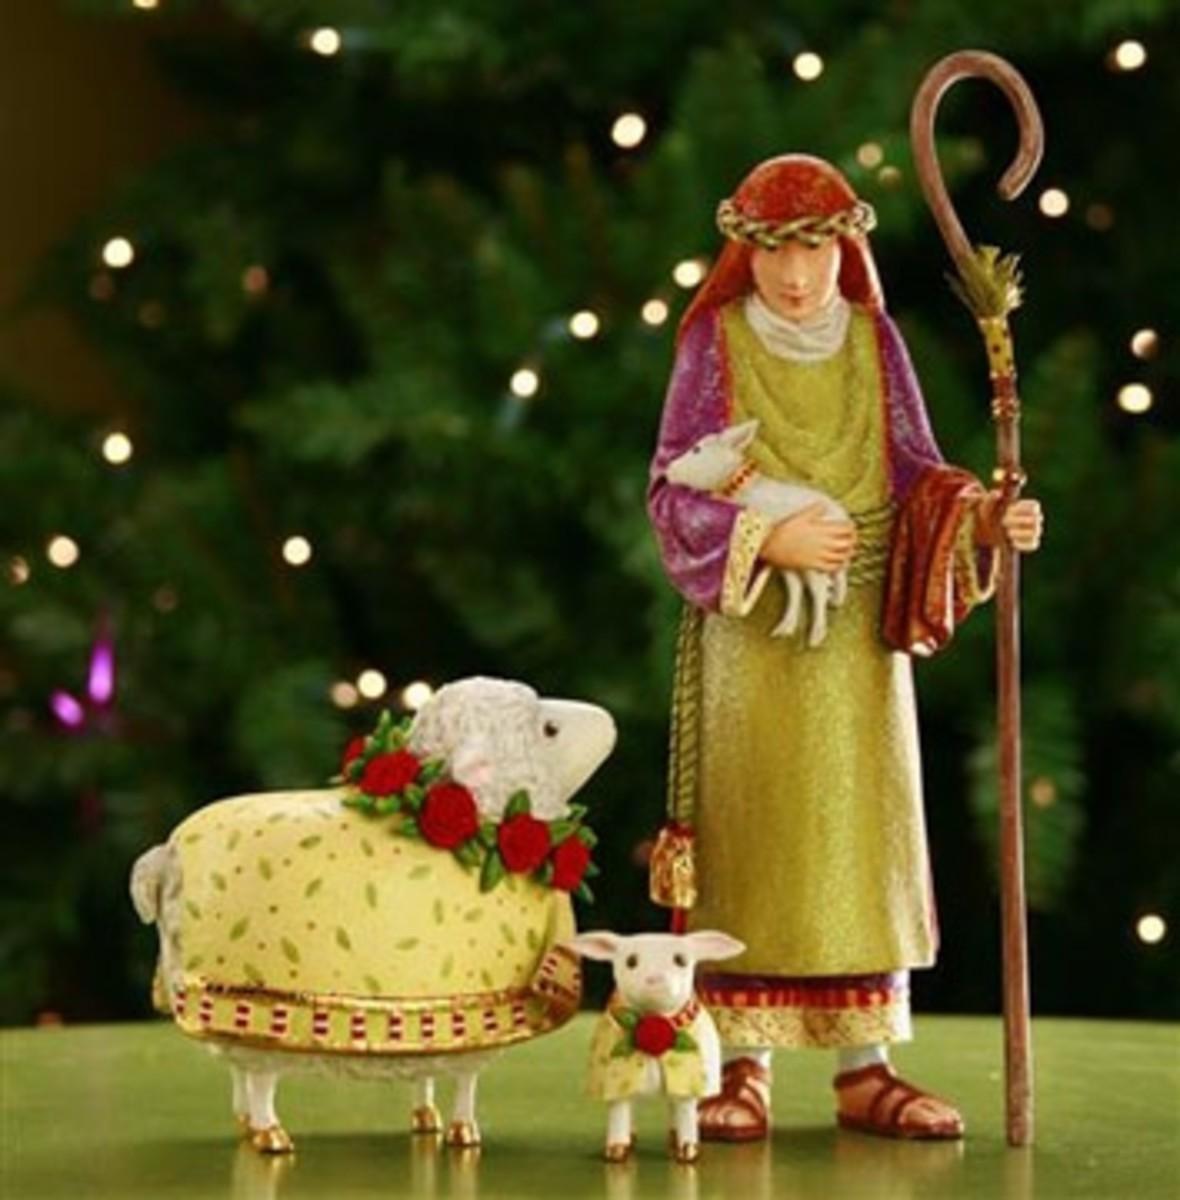 PB Shepherd and Two Lambs